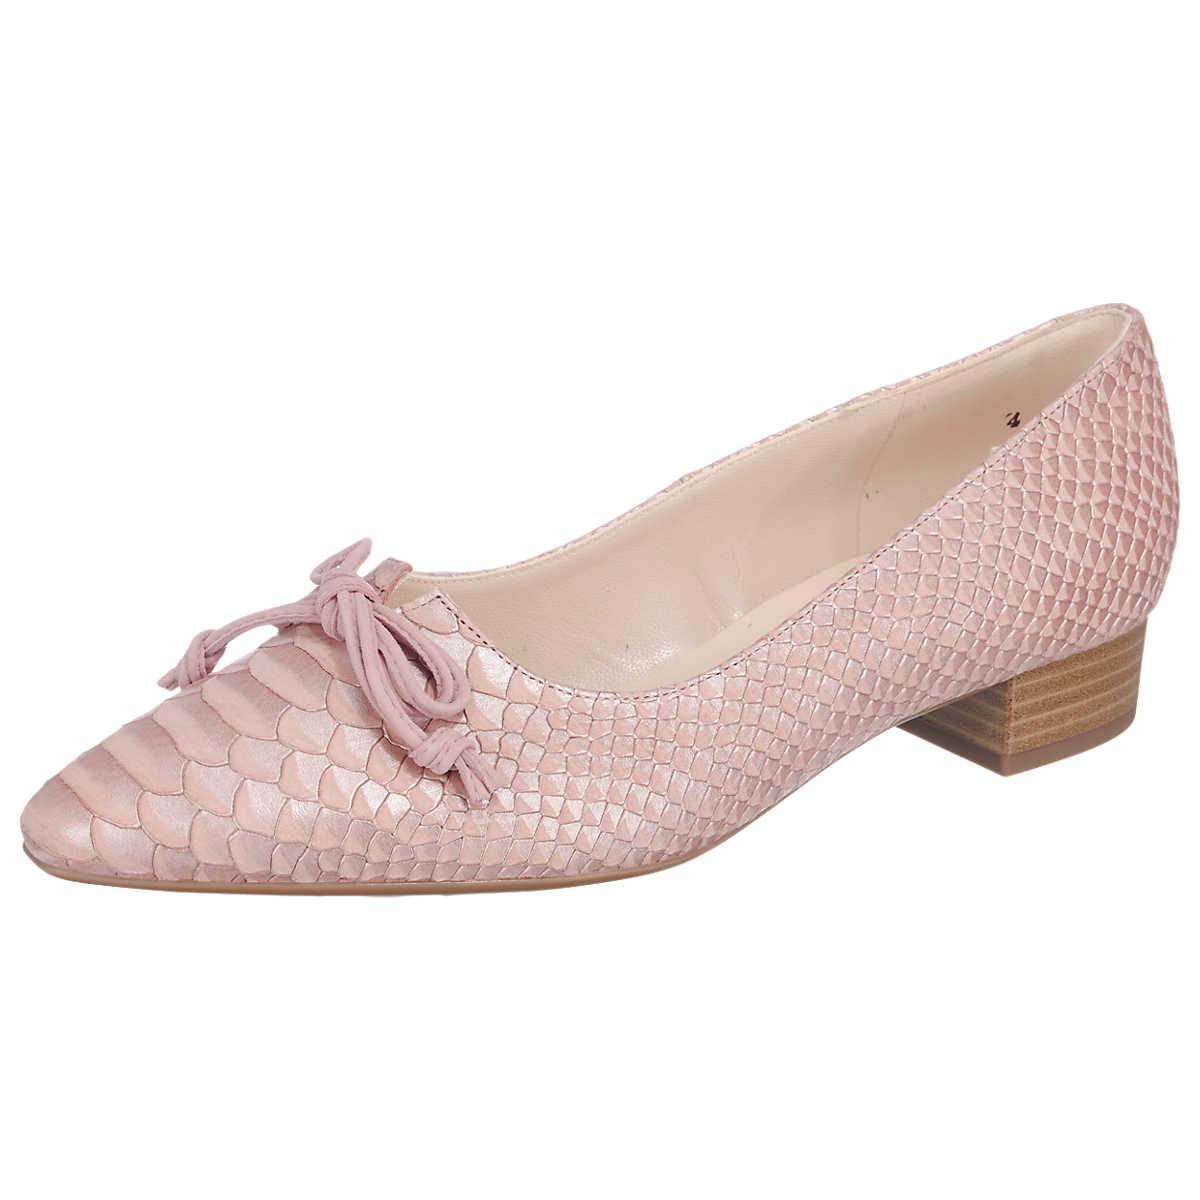 PETER KAISER Lizzy Ballerinas rosa - PETER KAISER - Ballerinas - Schuhe - mirapodo.de